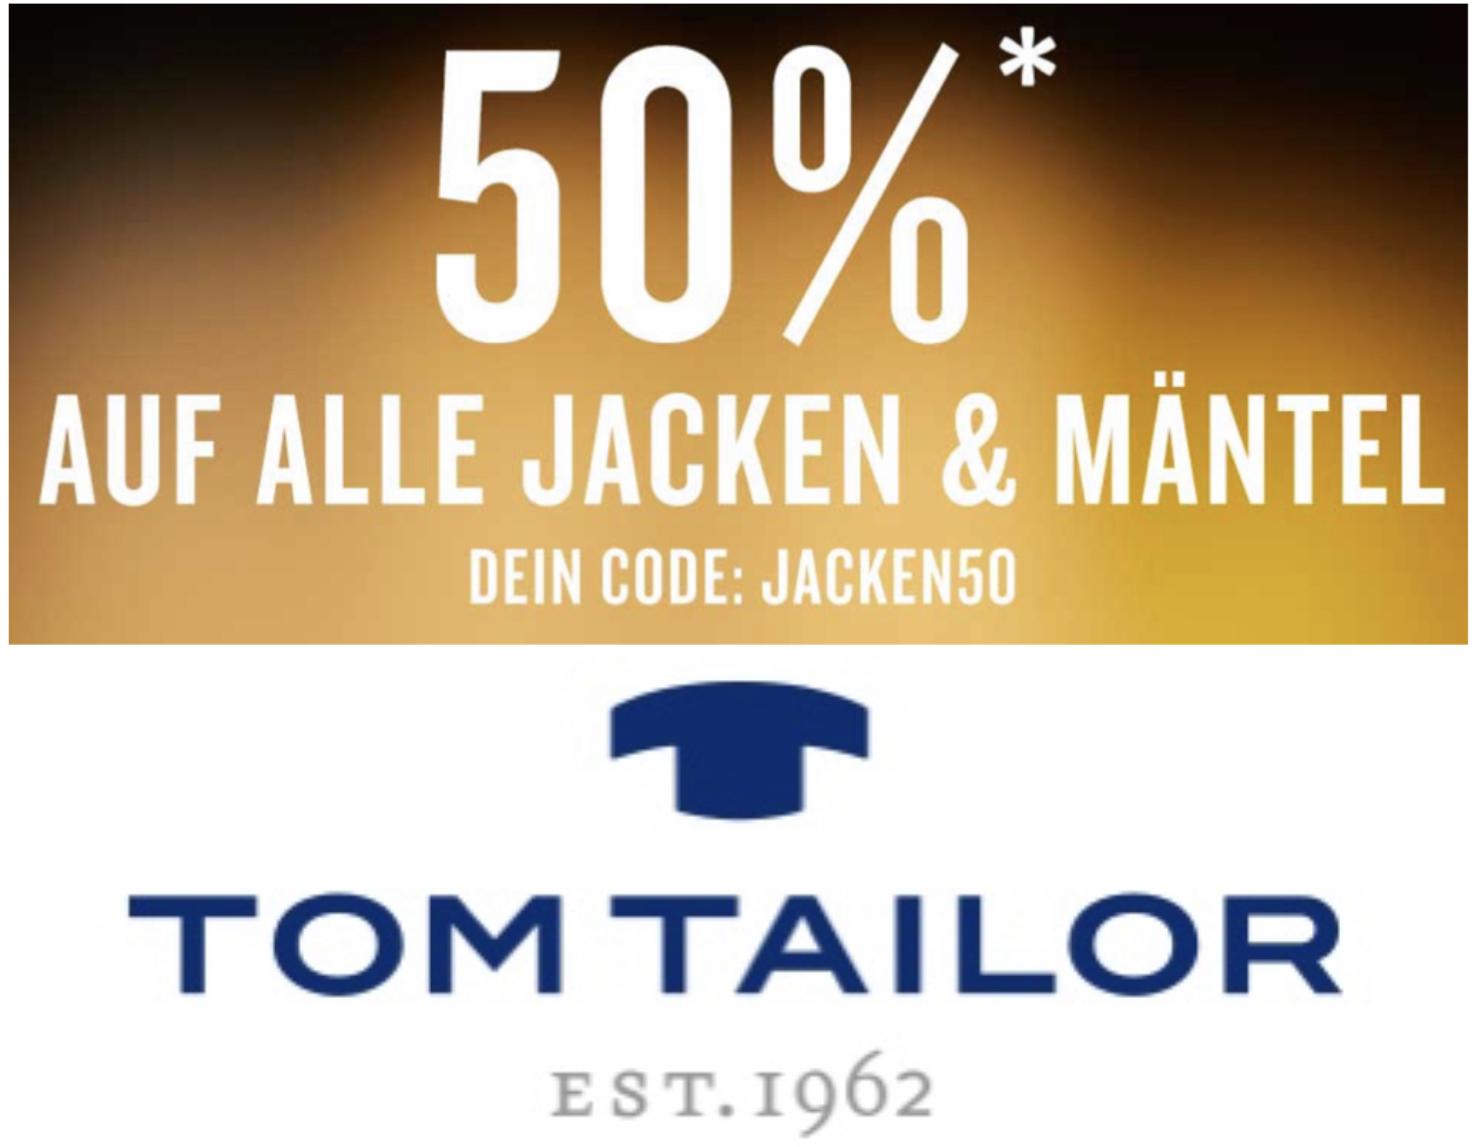 Tom Tailor: 50% Rabatt auf ALLE Jacken und Mäntel + 20% Shoop - nur heute!